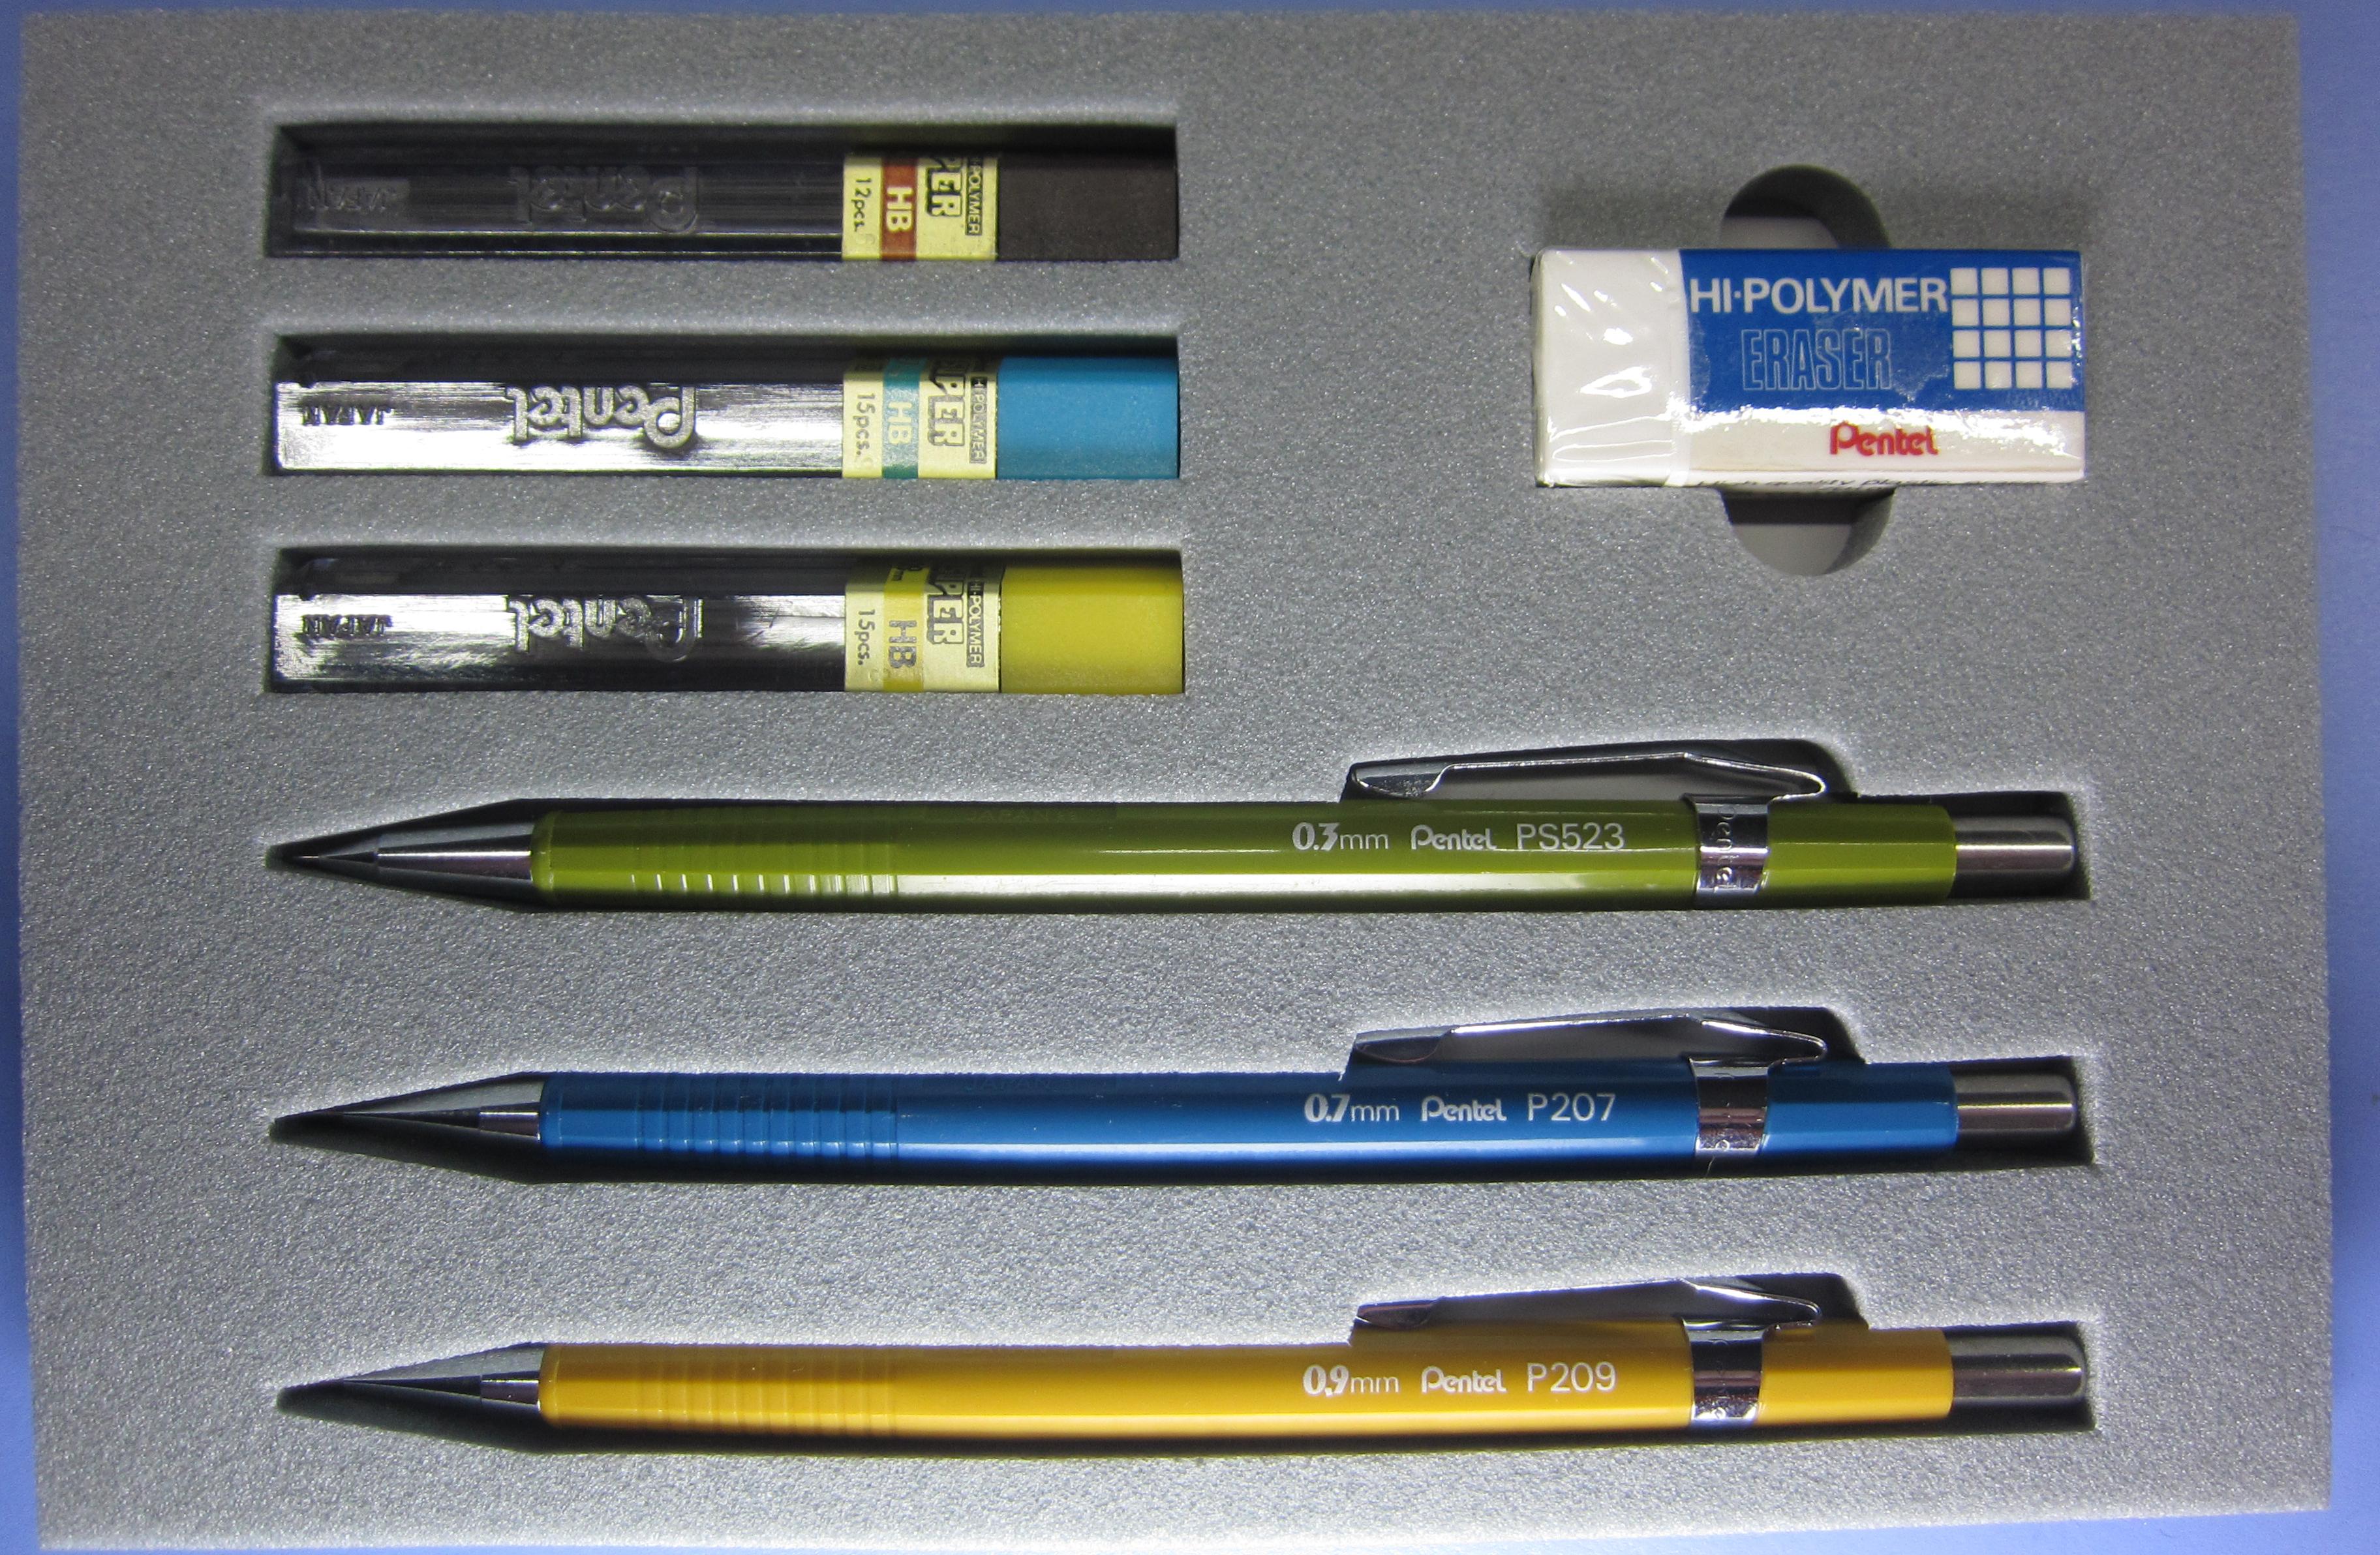 D - Present 1 - Pentel Presentation Set (PS523, P207, P209) - 2440